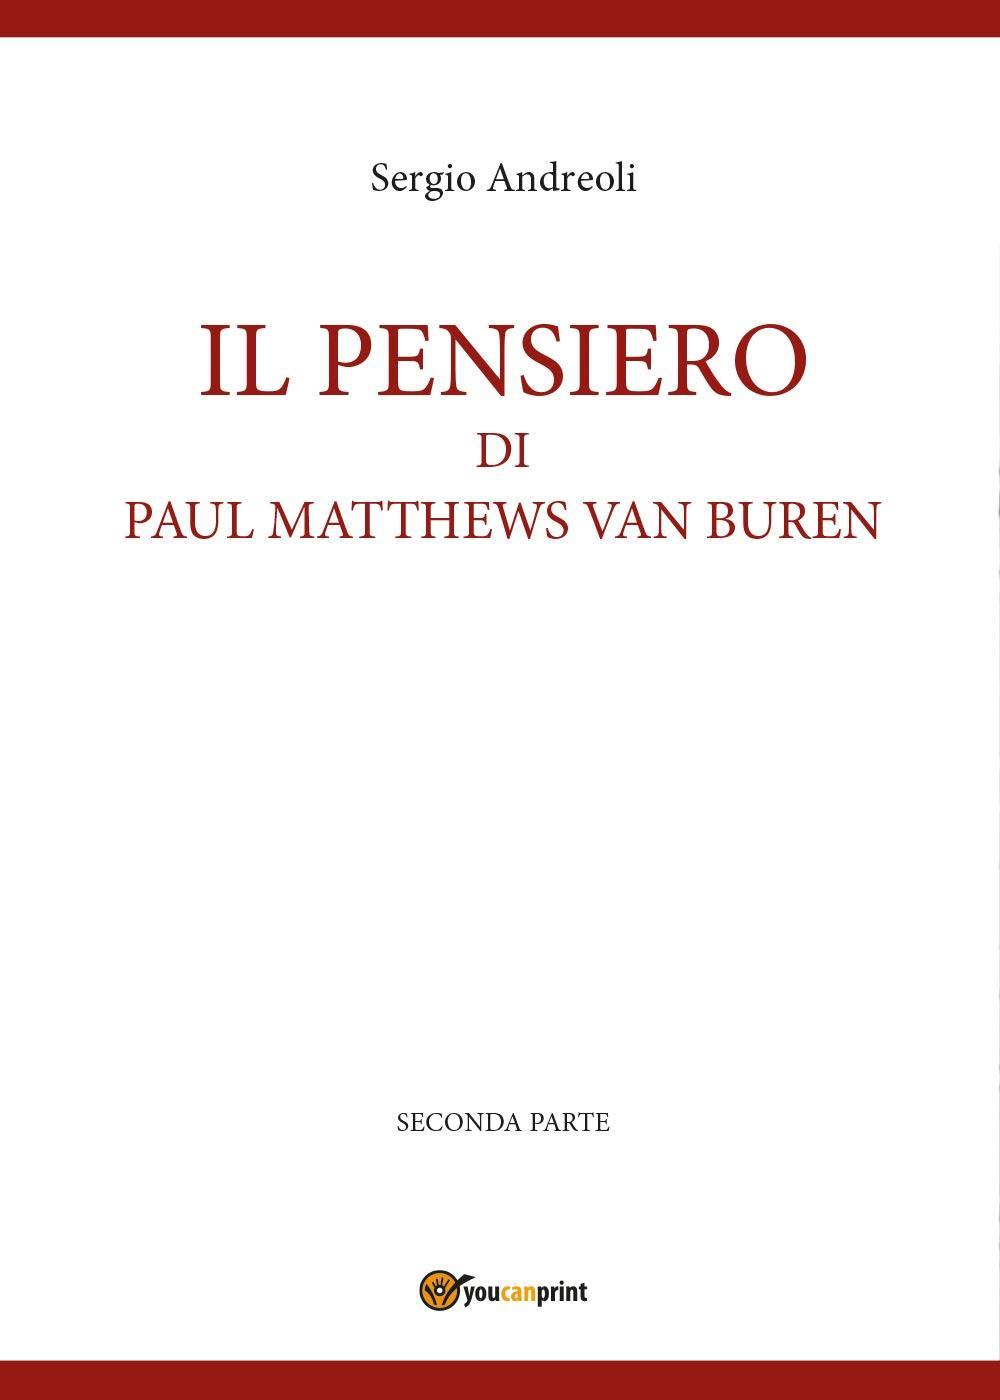 IL PENSIERO DI PAUL MATTHEWS VAN BUREN - volumetto 2